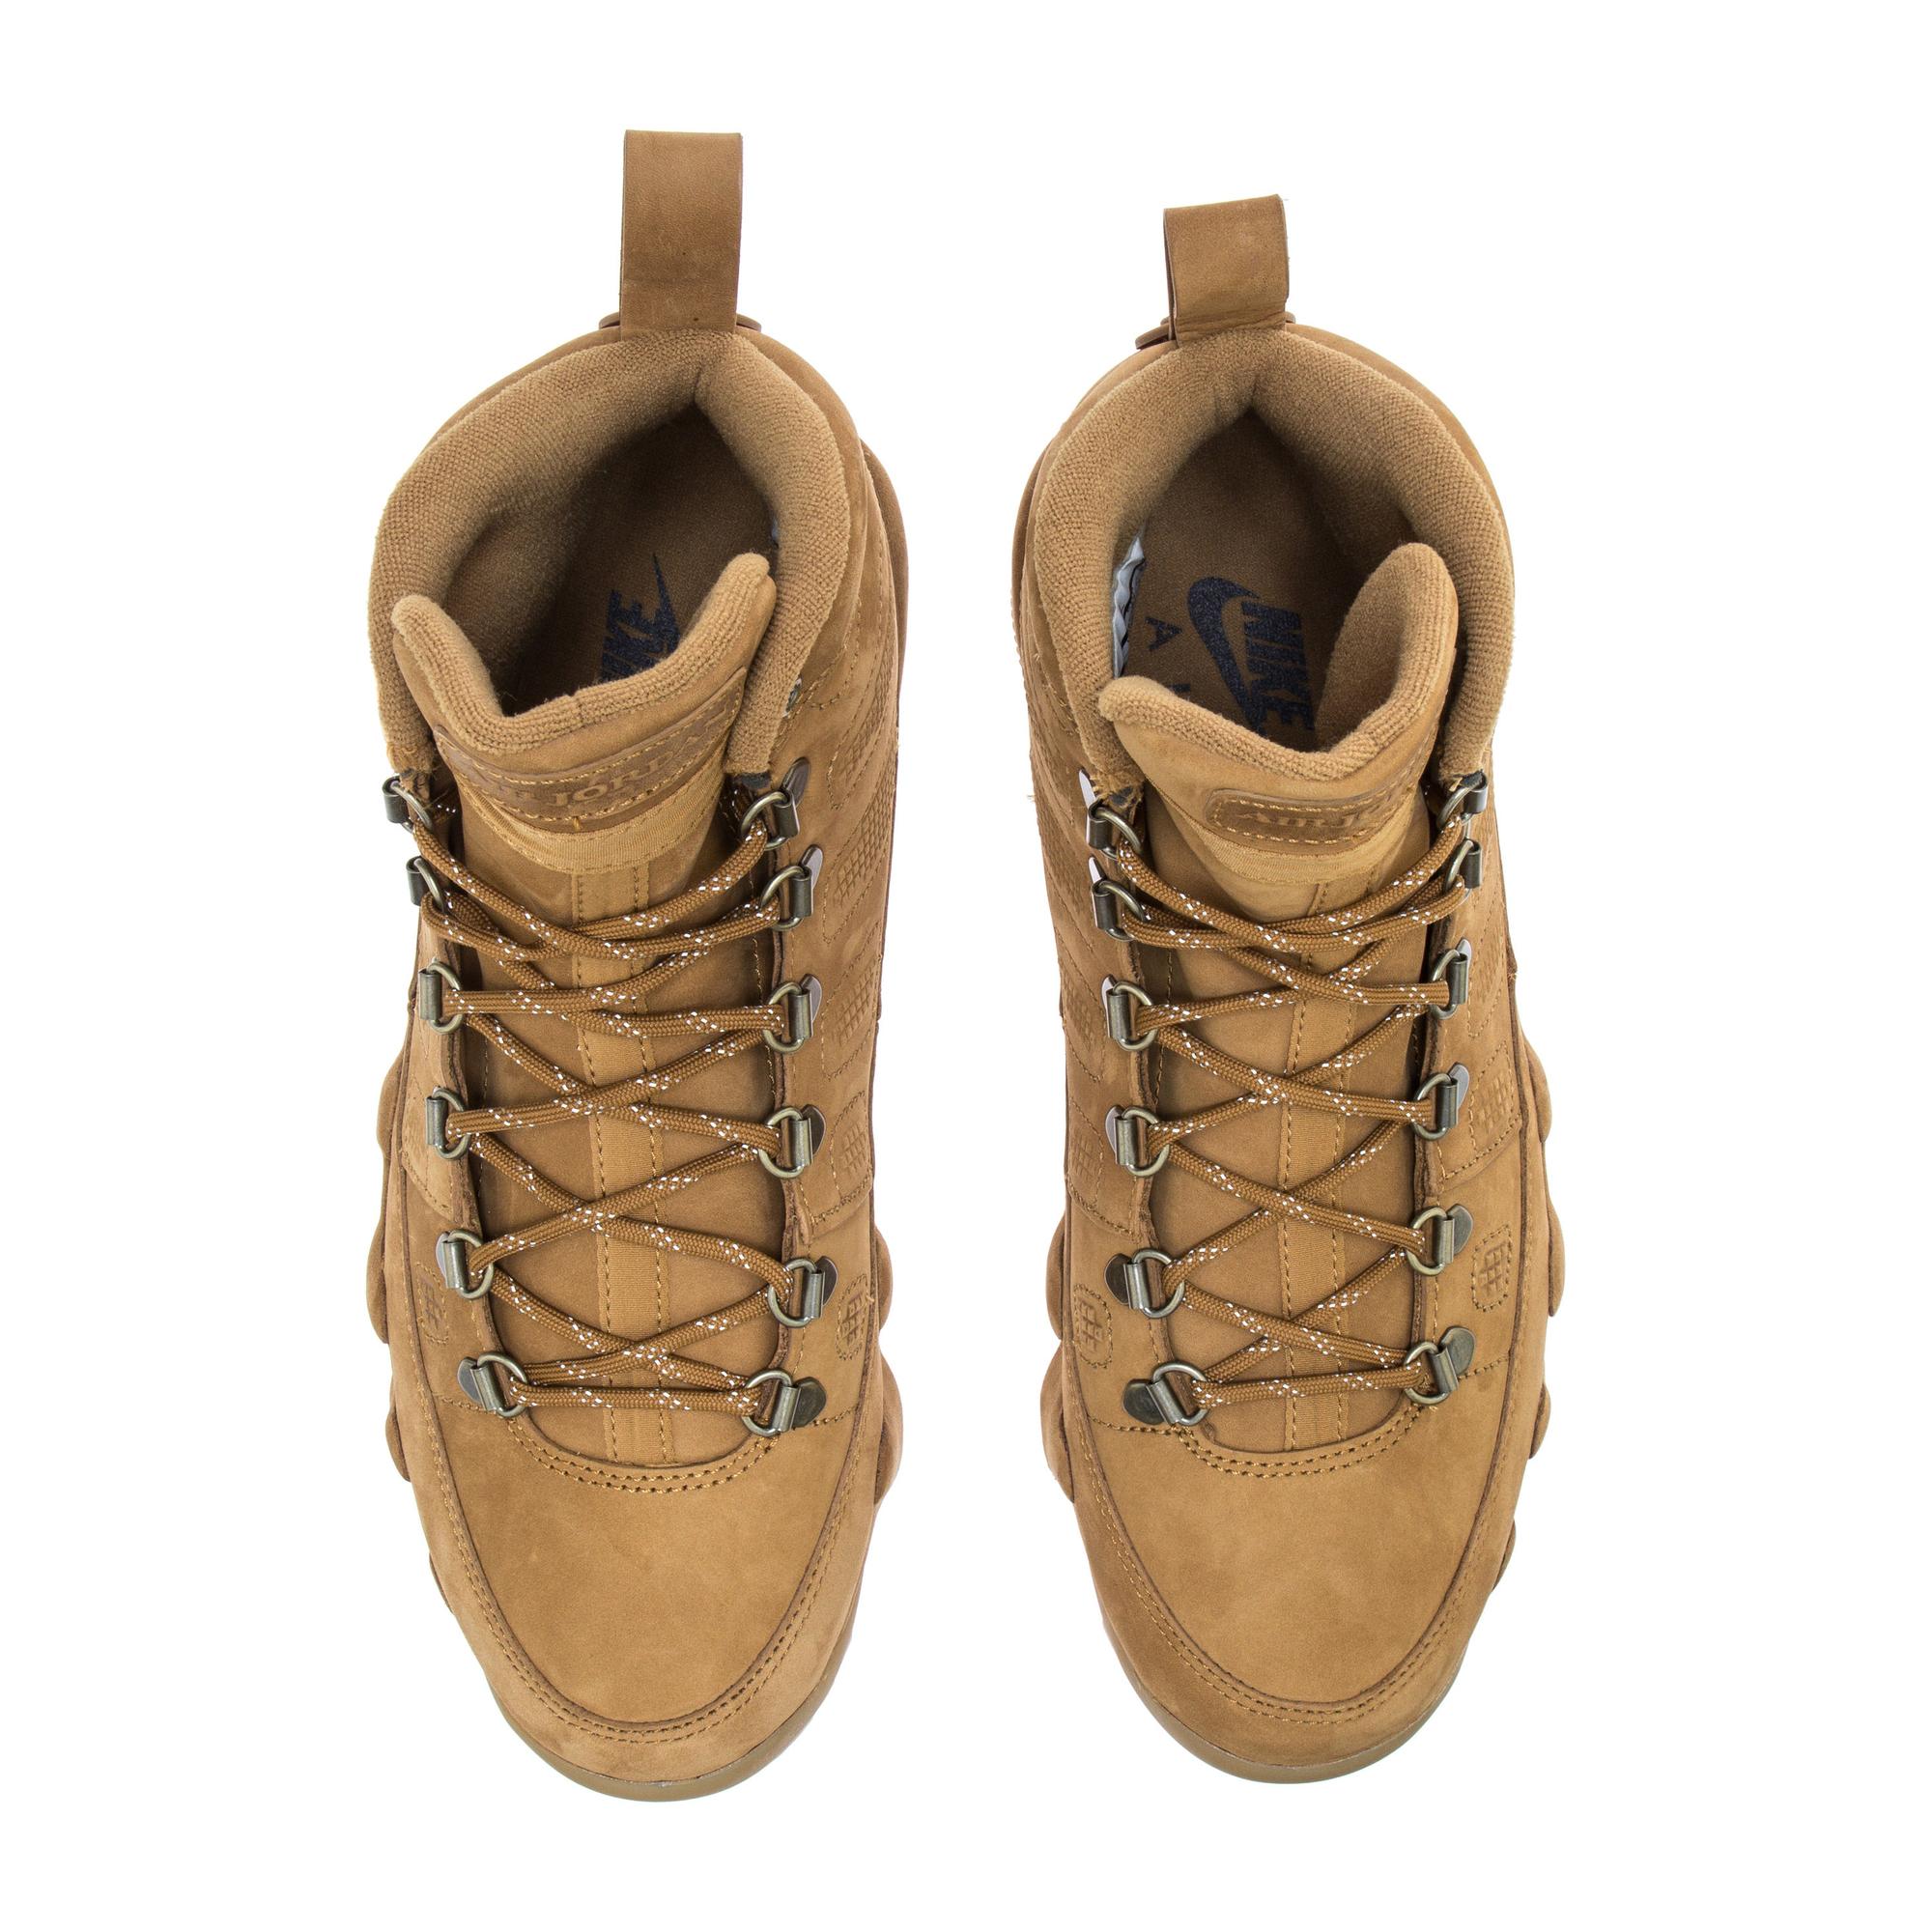 43a2d7410721f6 ... uk air jordan 9 boot nrg air jordan 9 boot nrg wheat 250d7 adbfa